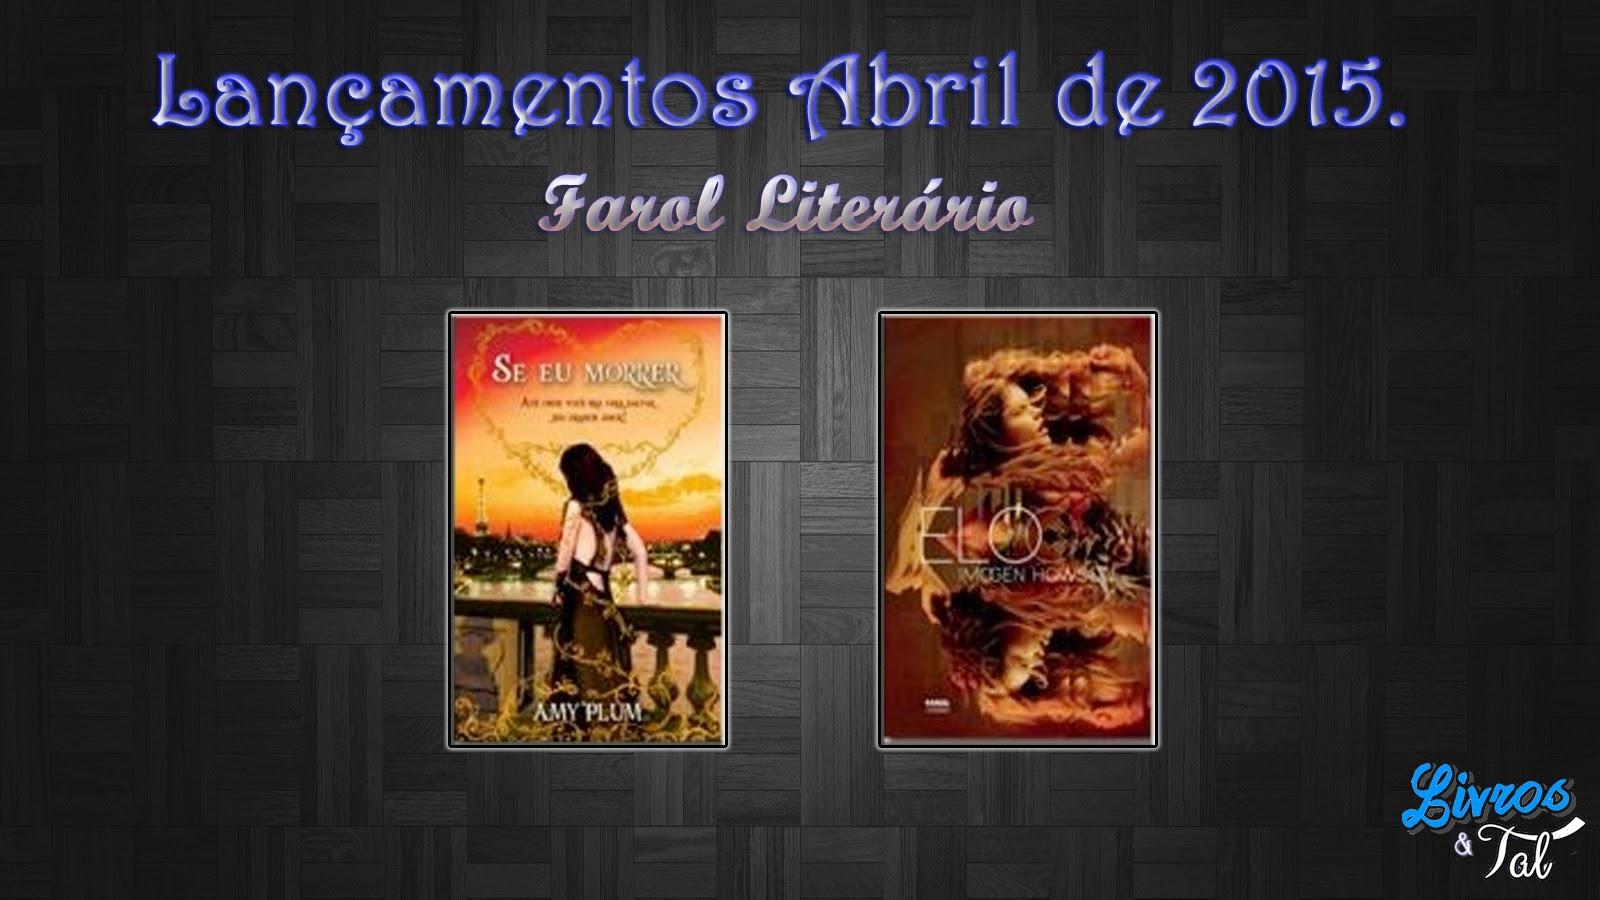 http://livrosetalgroup.blogspot.com.br/p/lancamento-abril-de-2015-editora-farol.html